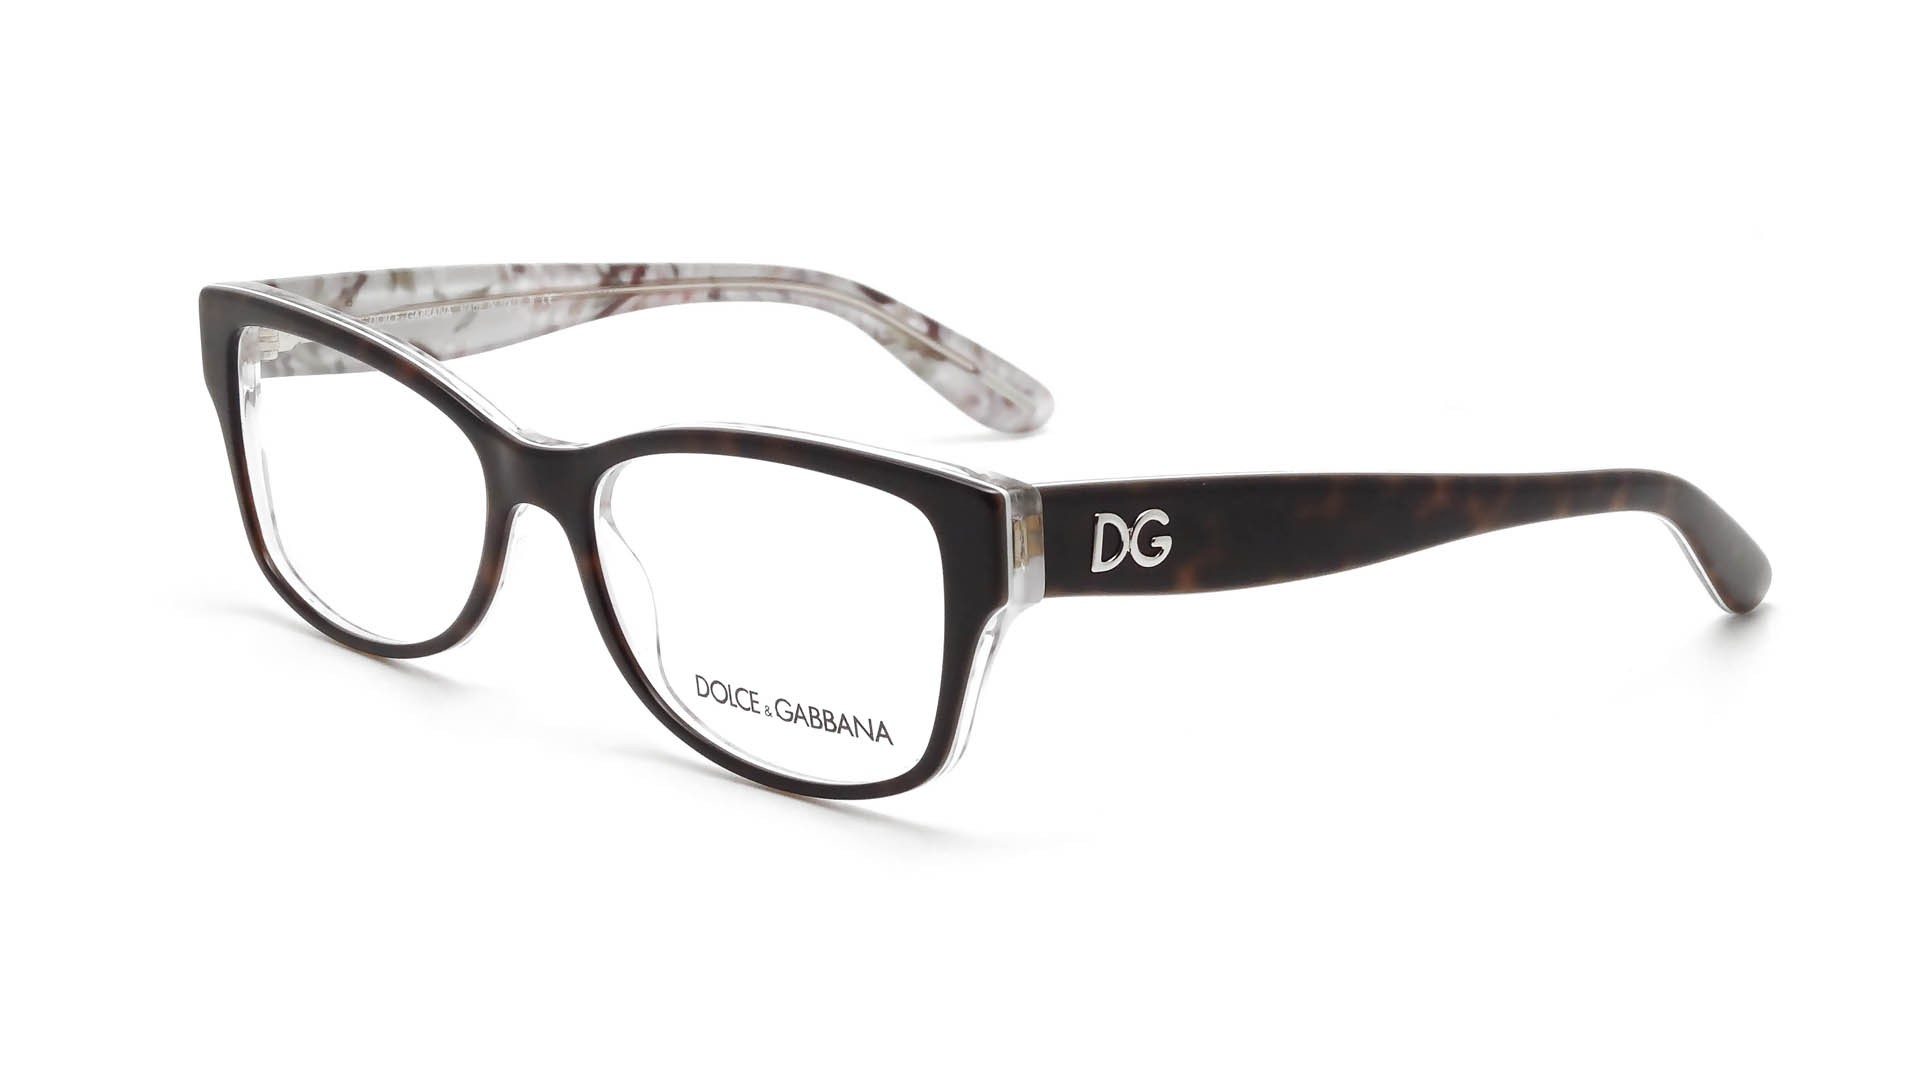 Eye glasses Dolce & Gabbana DG 3204 2841 Tortoise Medium